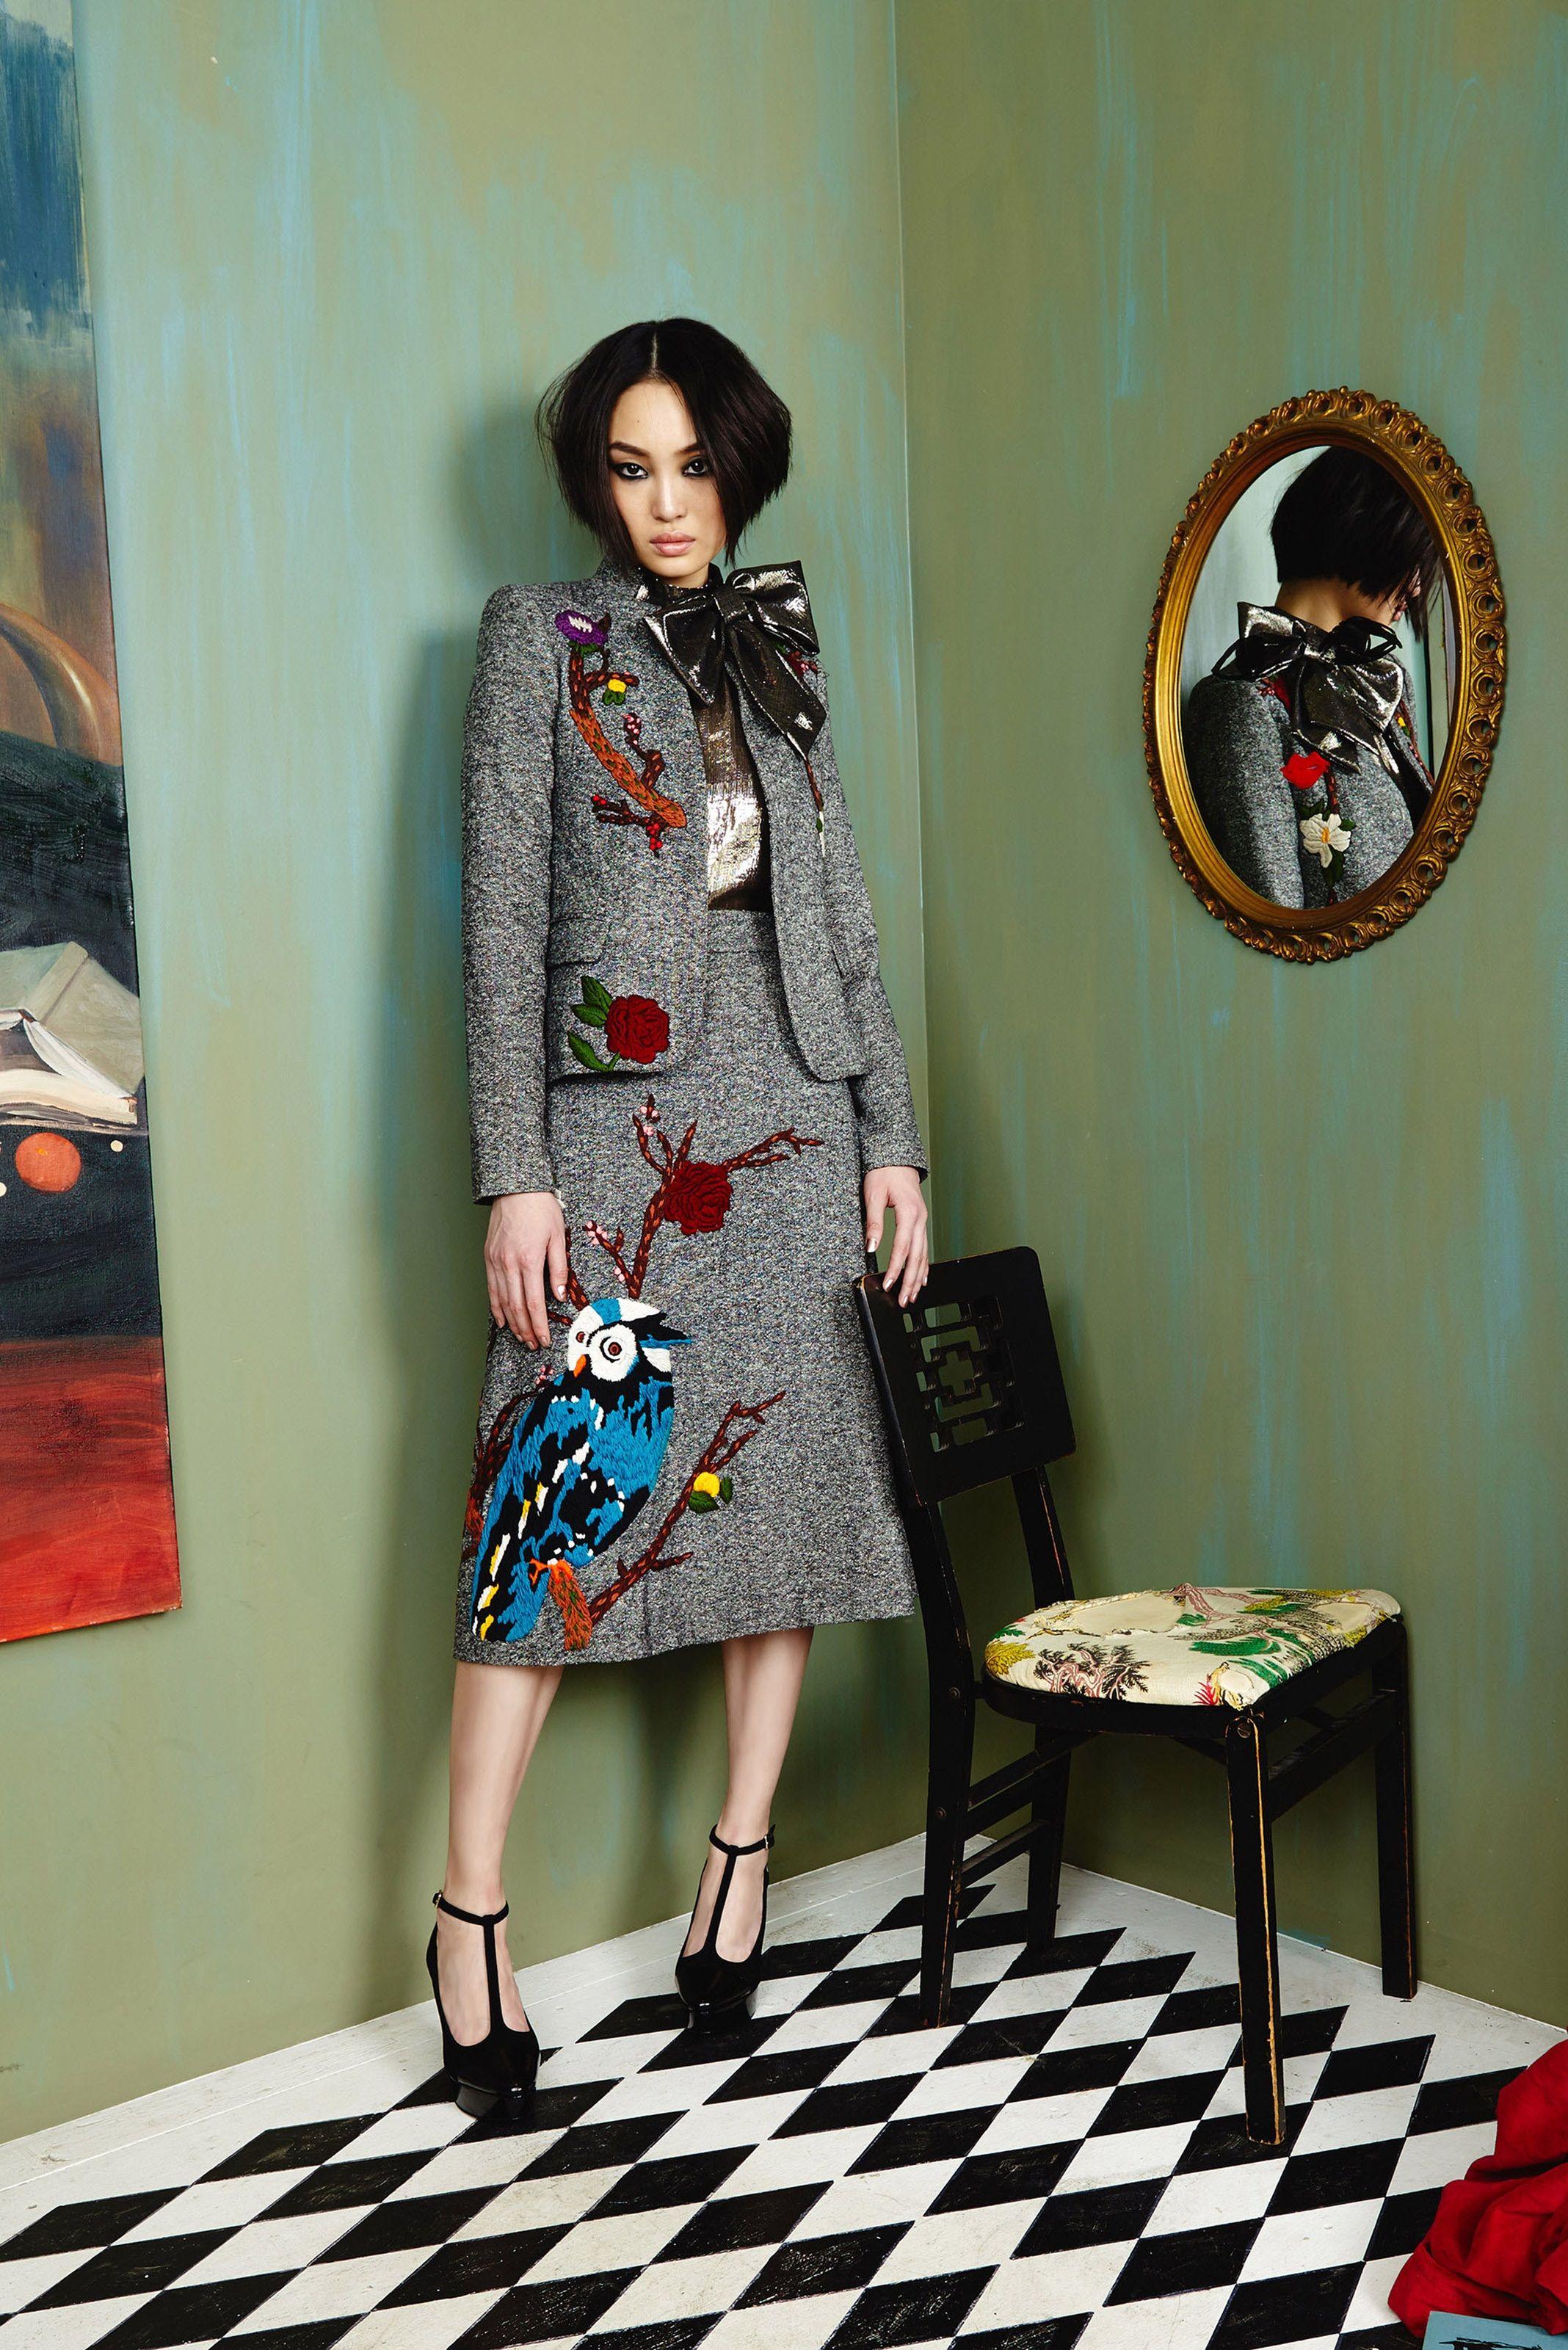 Sfilata Alice + Olivia New York - Collezioni Autunno Inverno 2016-17 - Vogue 5a68c38df7d